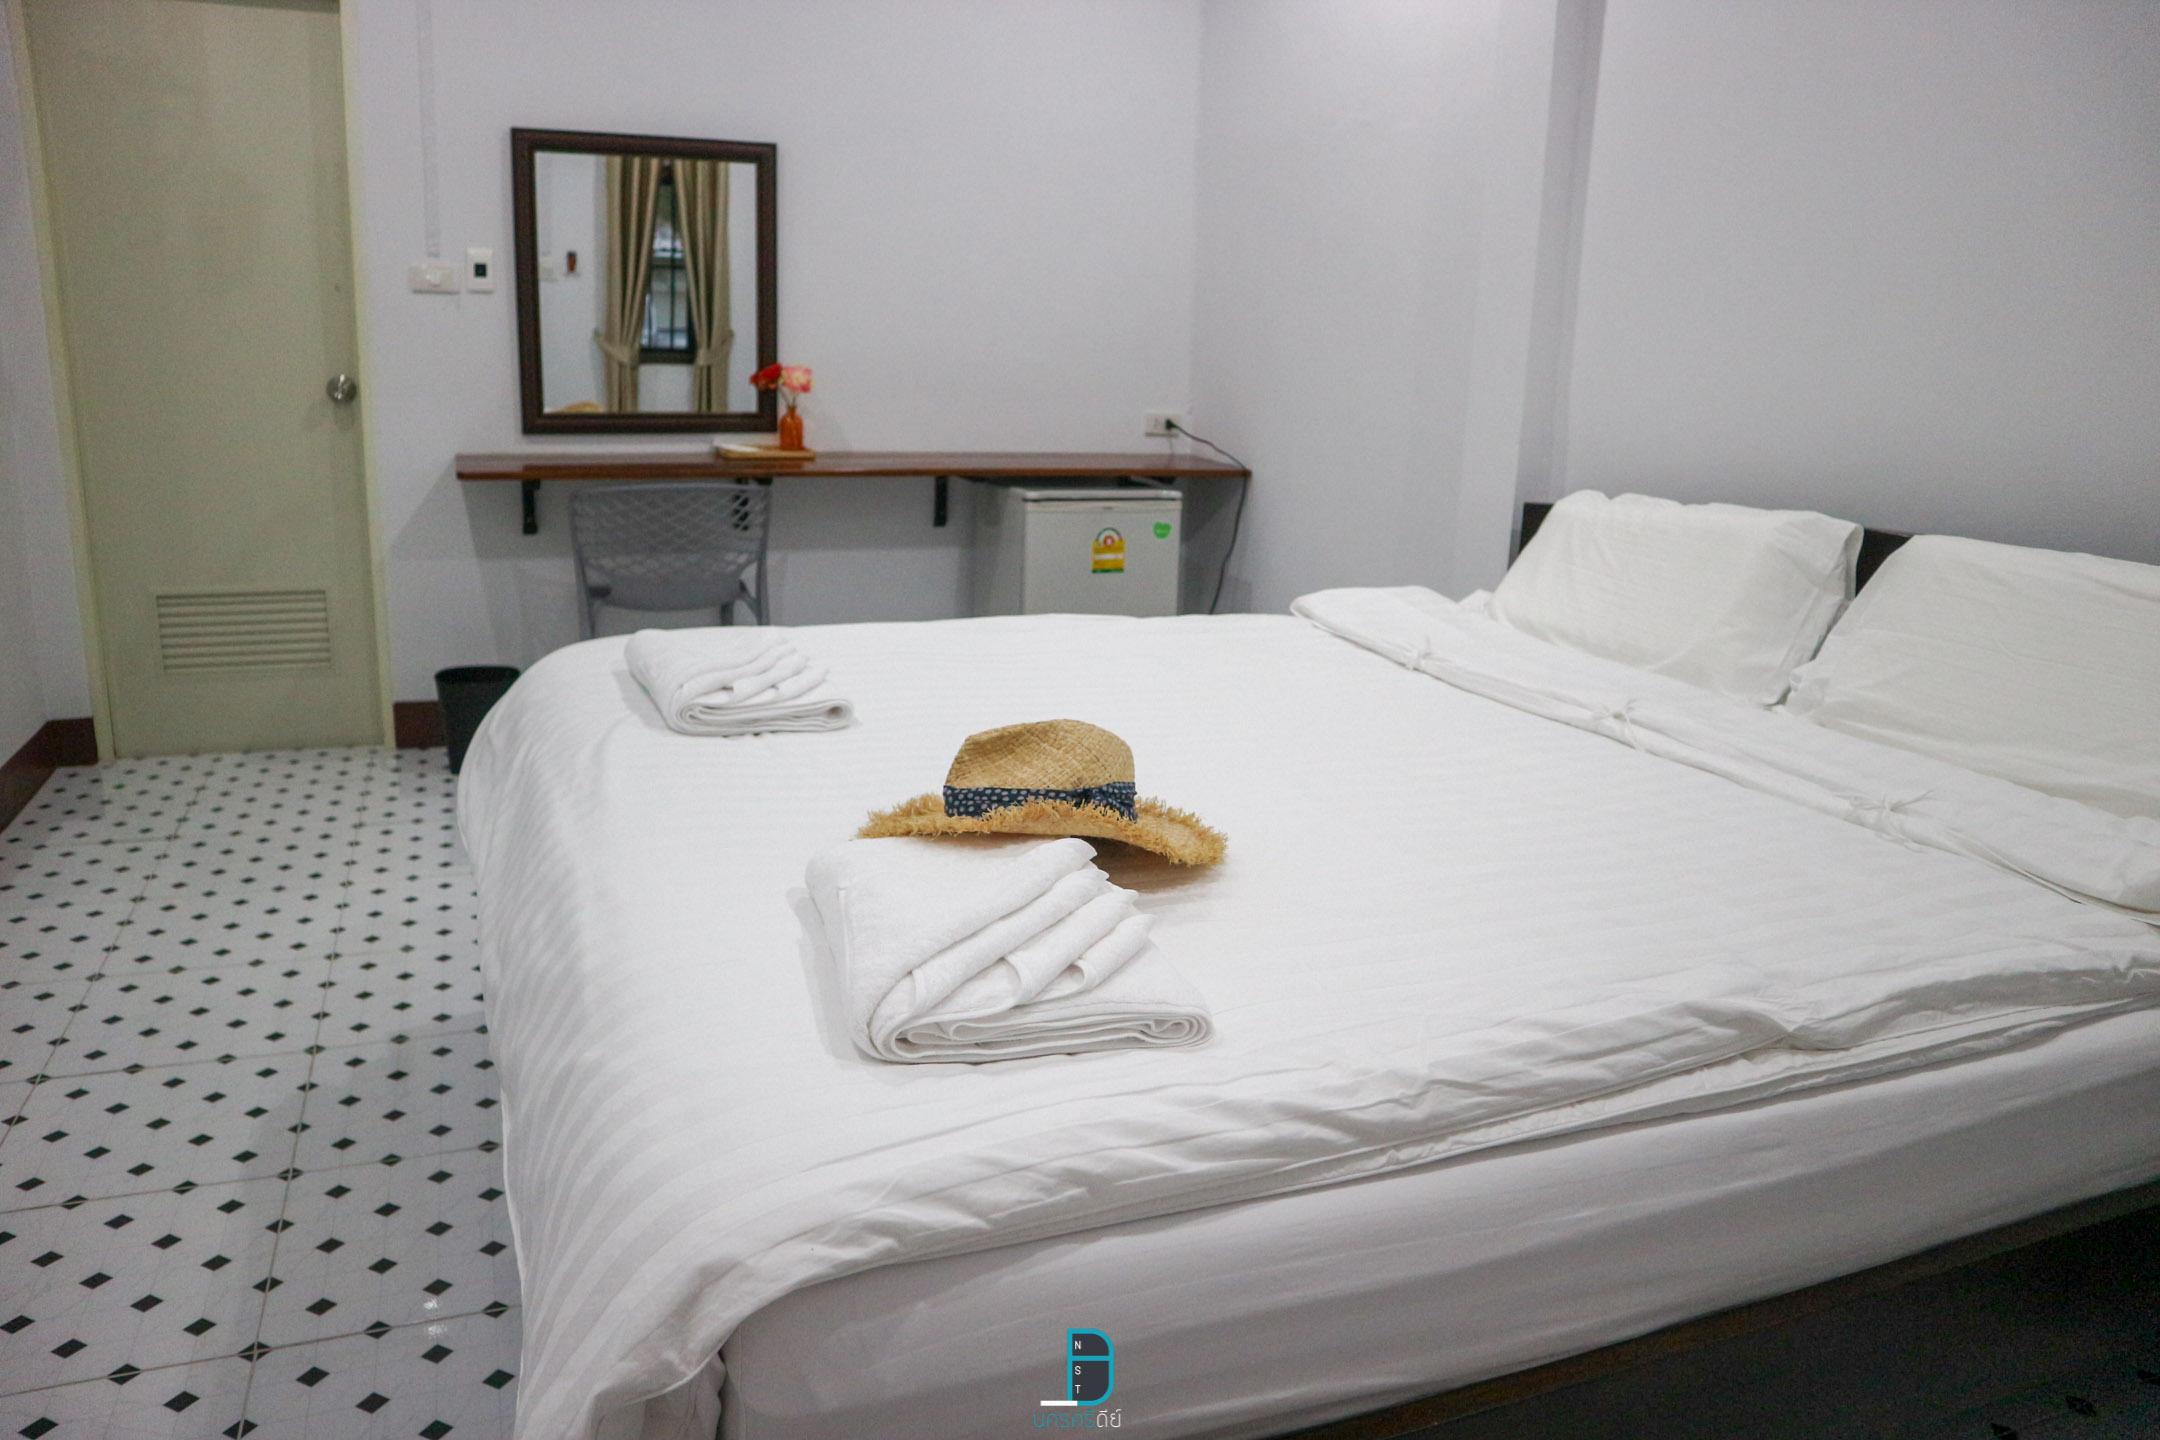 โรงแรมปากพนังวิลเลจ รีสอร์ท ที่พัก ปากพนัง นครศรีธรรมราช ติดกับสถานที่ท่องเที่ยวมากมาย นครศรีดีย์